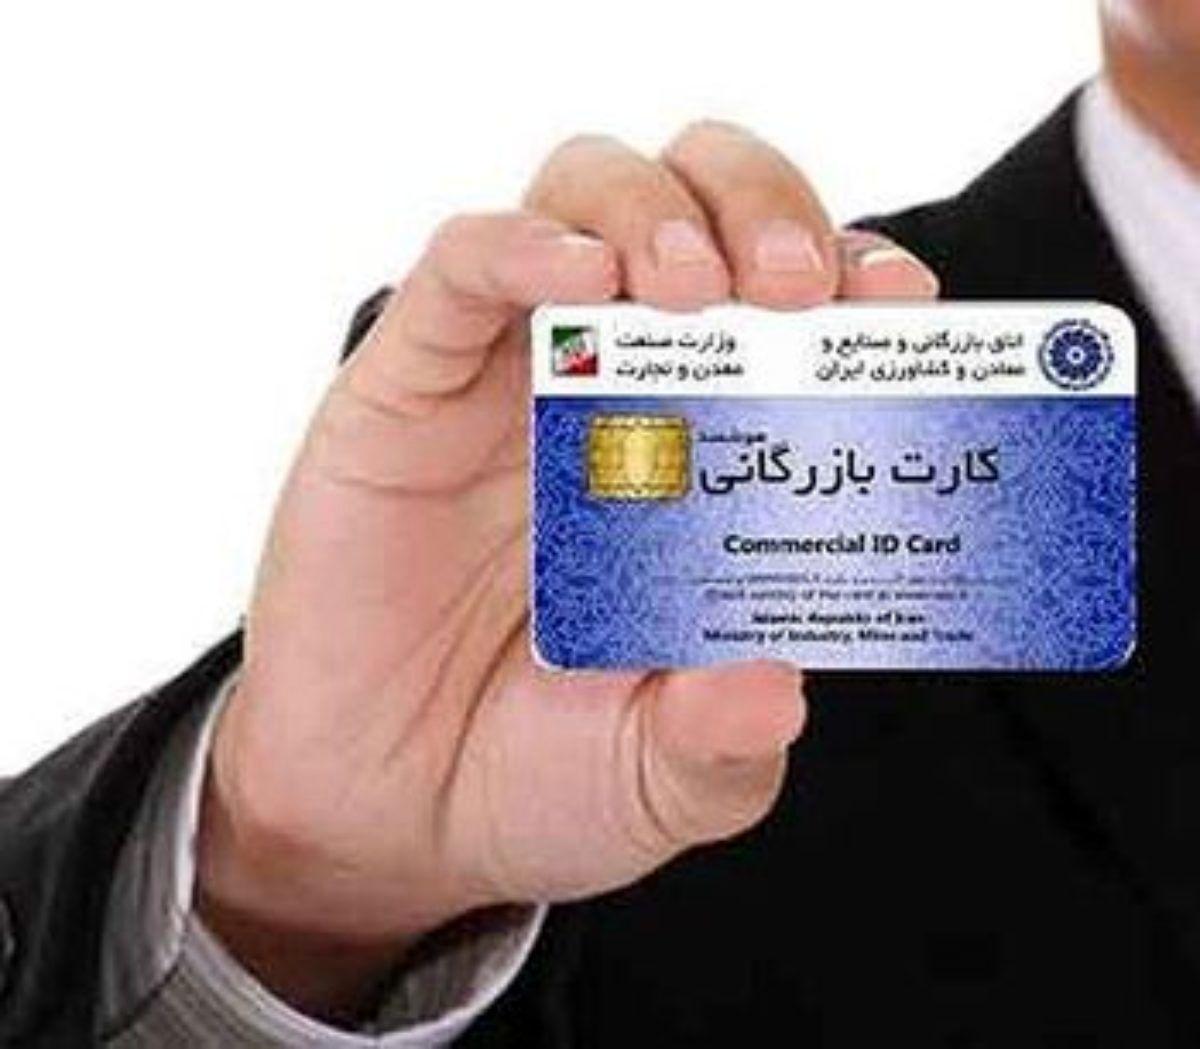 کارتهای بازرگانی یک بار مصرف جمع میشود